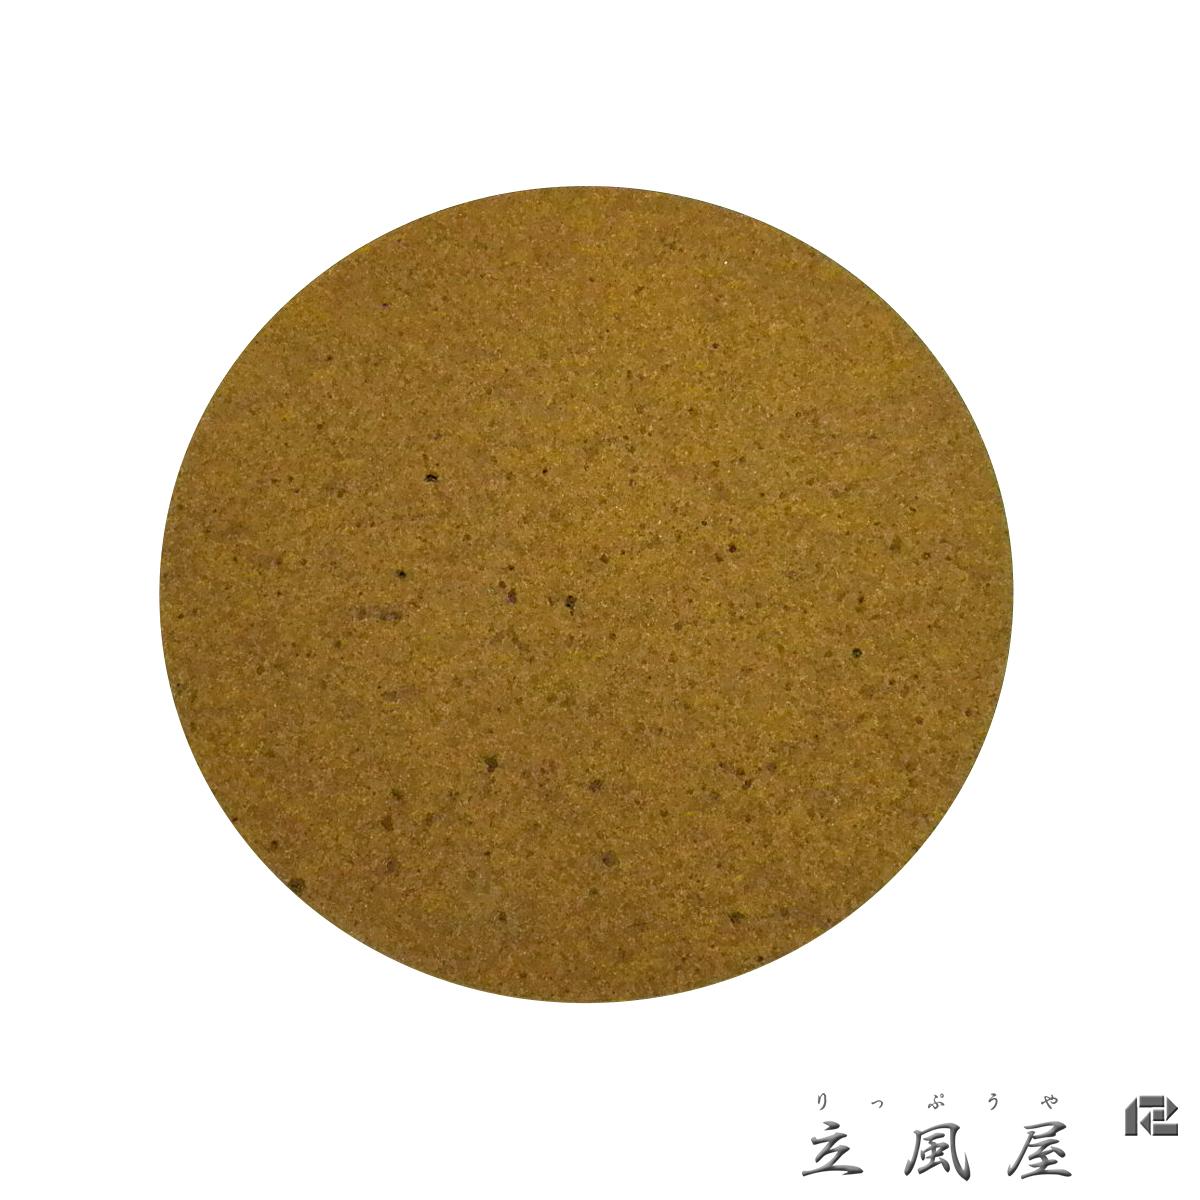 おしゃれ(オシャレ・お洒落)な珪藻土コースター 北欧風 ブラウン 無地  シンプルテイスト シリーズ